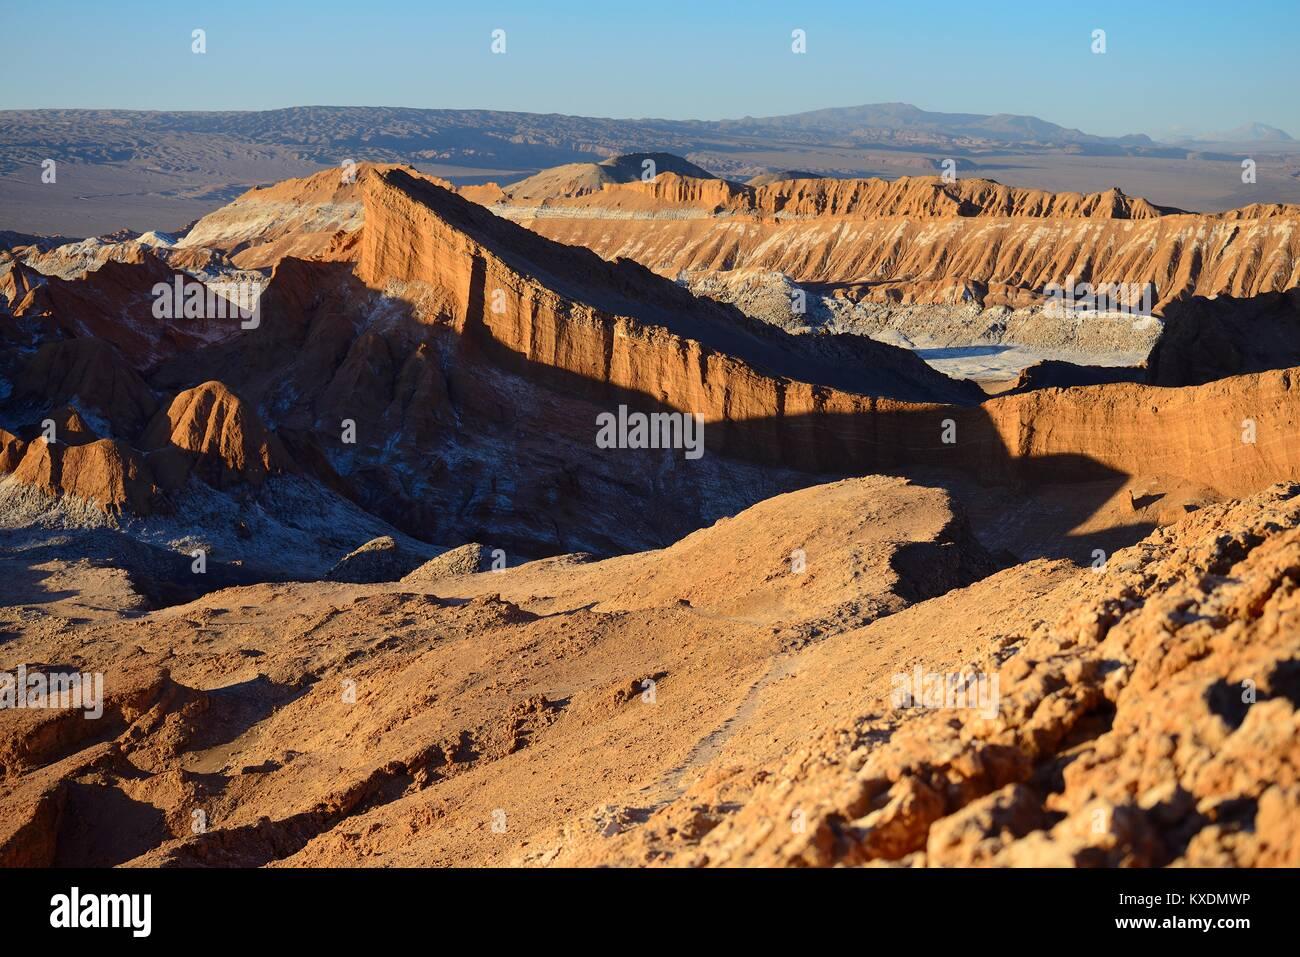 En el Valle de la Luna, Valle de la Luna, San Pedro de Atacama, Antofagasta, Chile Imagen De Stock